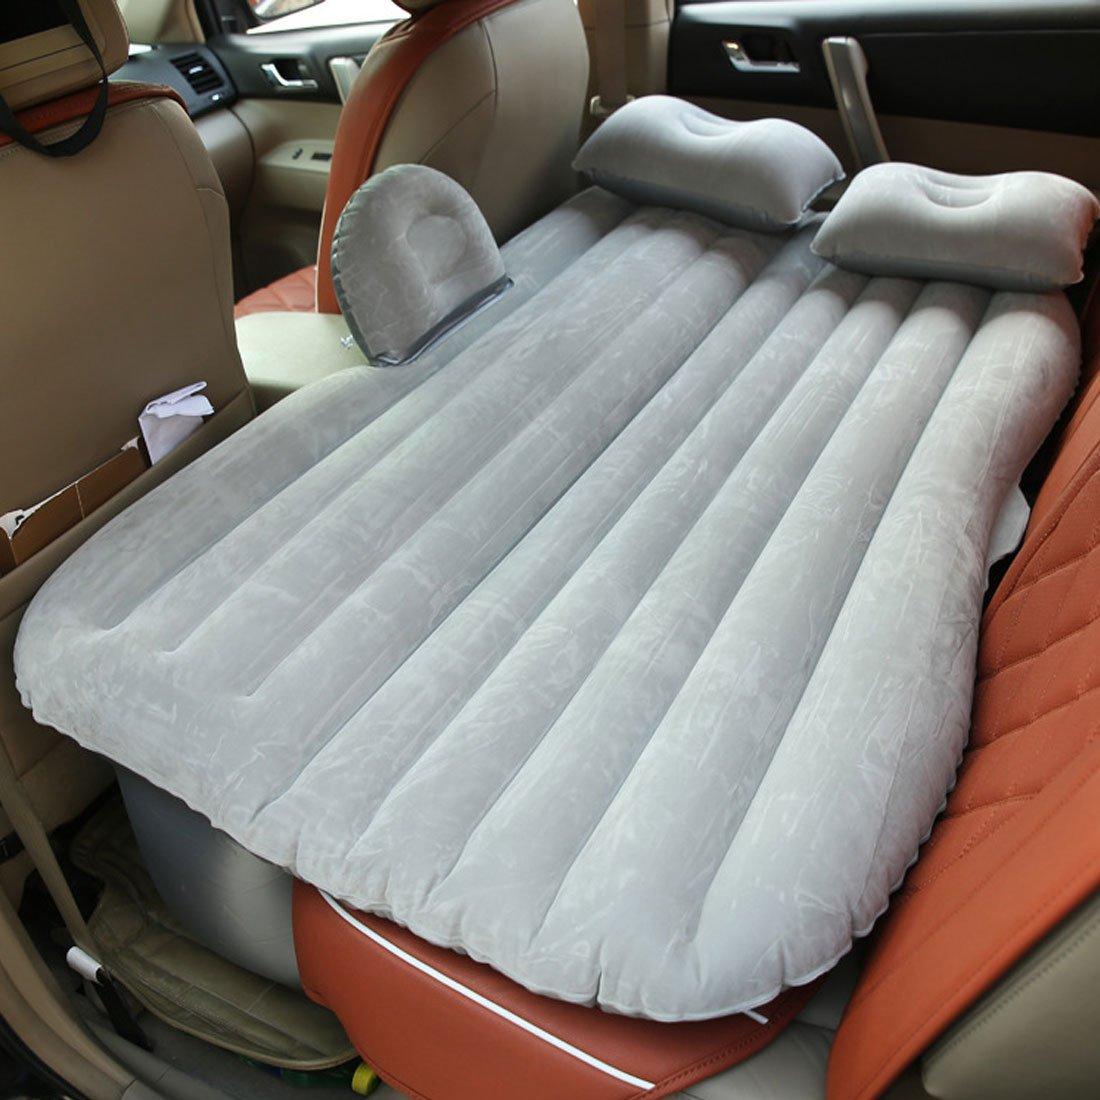 Amazon.com : eDealMax gris Flocado de aire inflable colchón de la cama de coche cama que se reclina al aire Libre el recorrido que acampa : Sports & ...